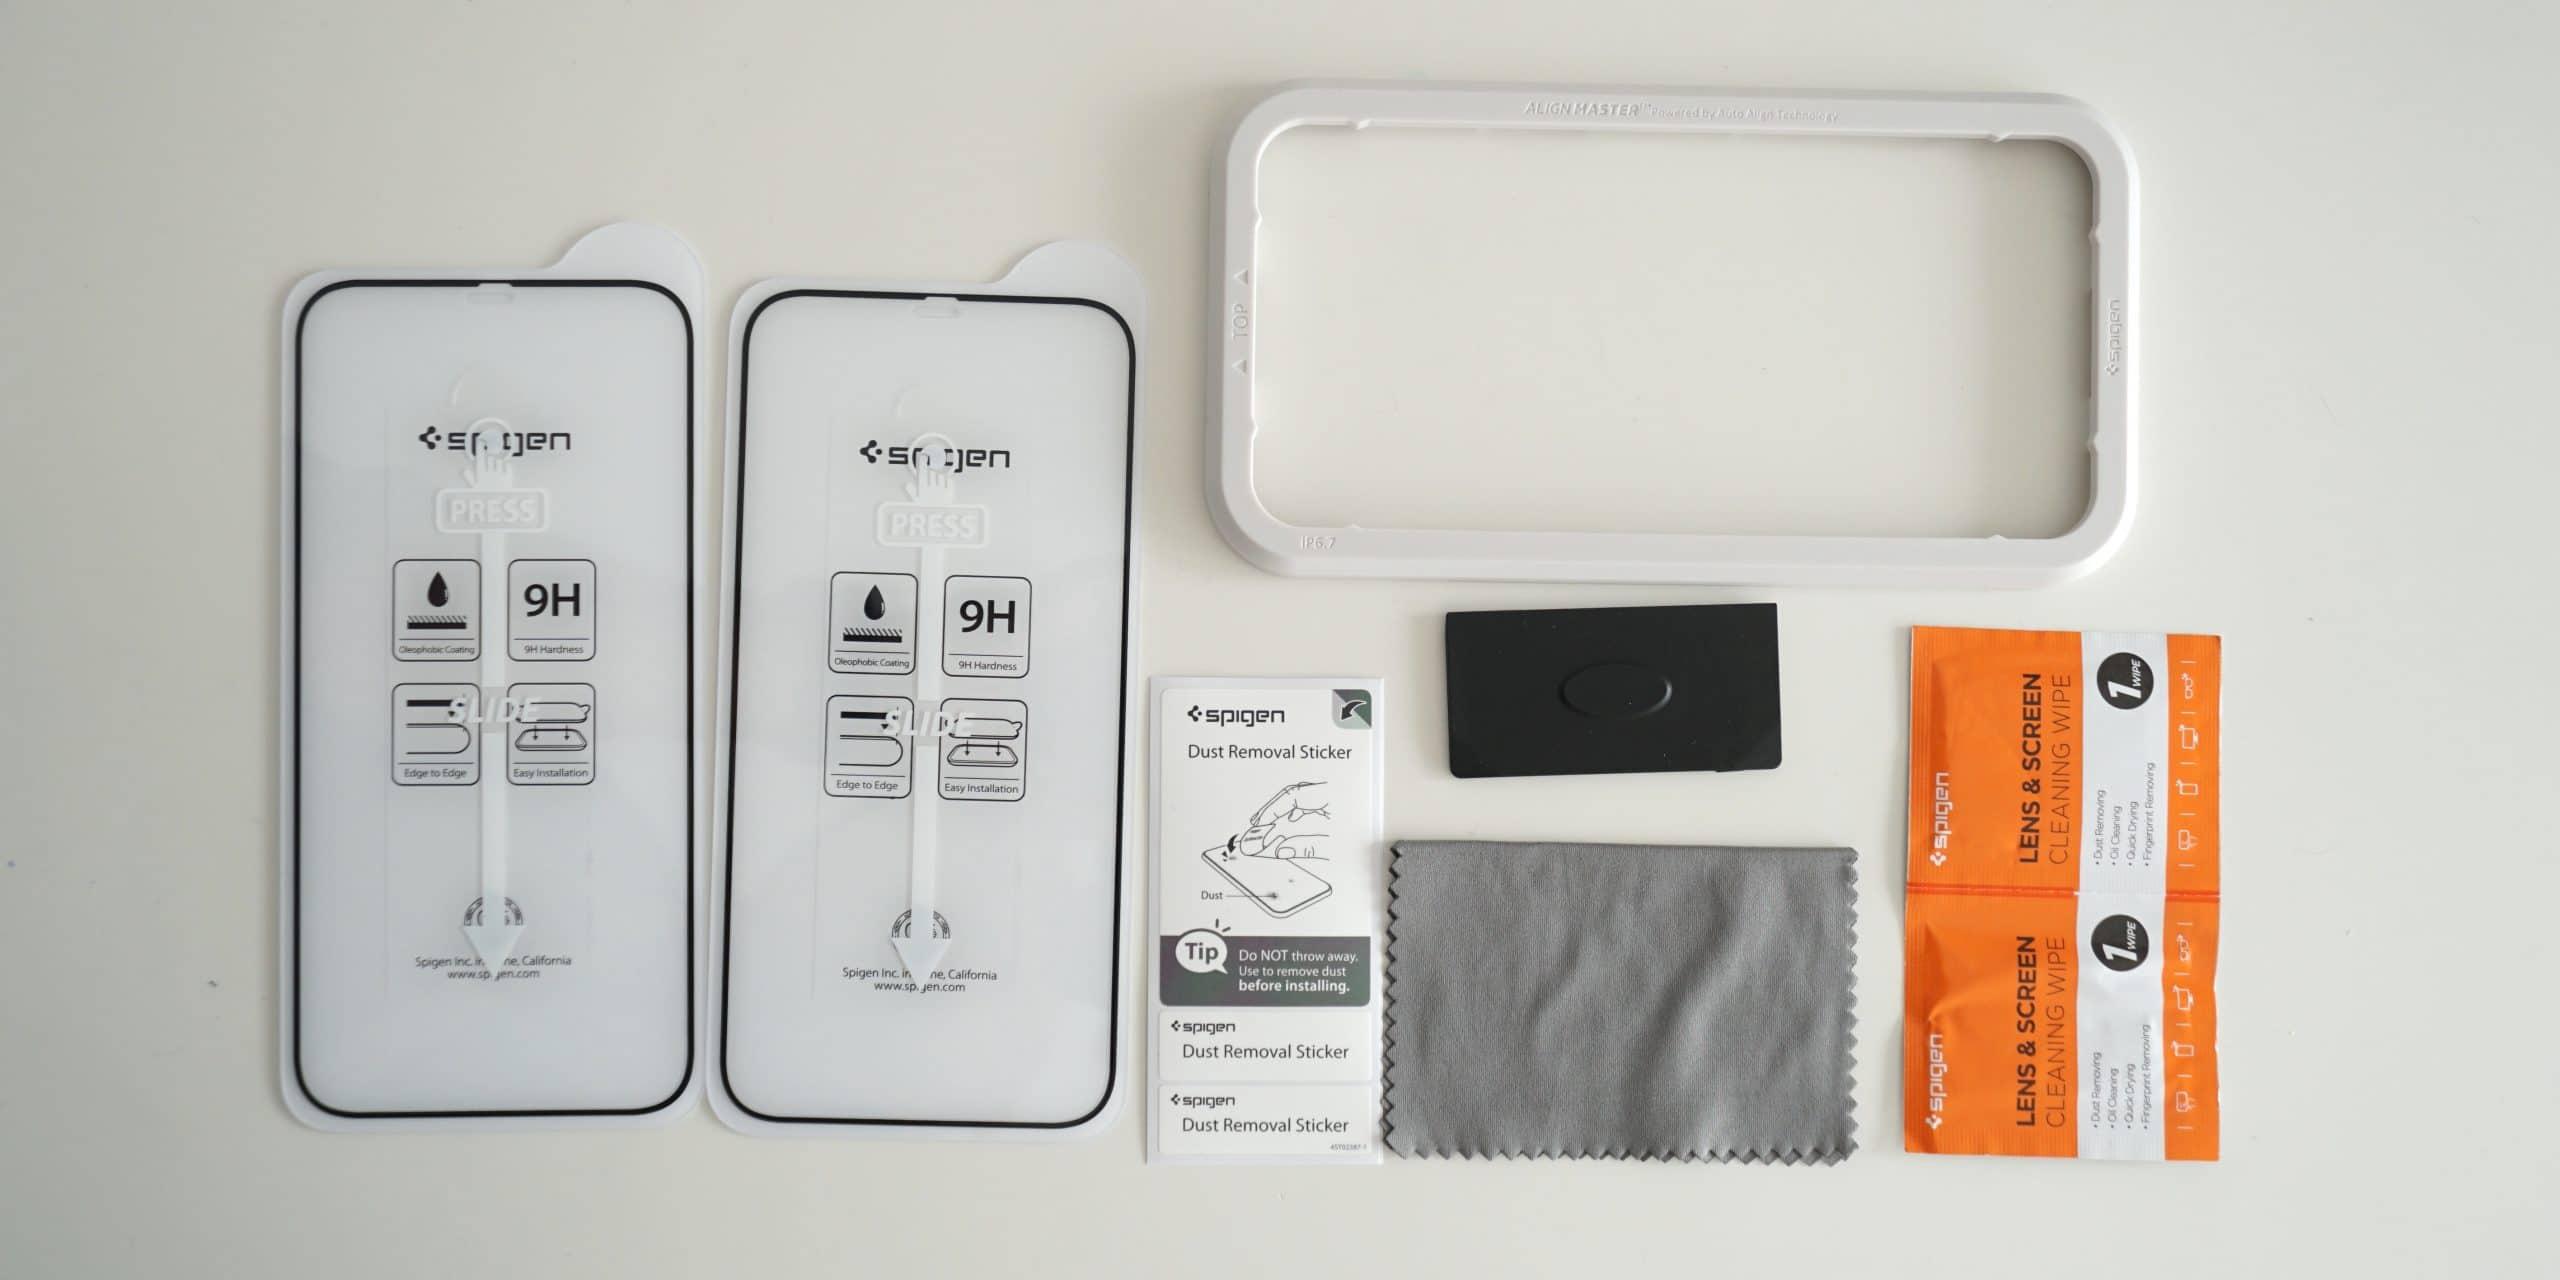 Kit completo incluido en el pack Spigen